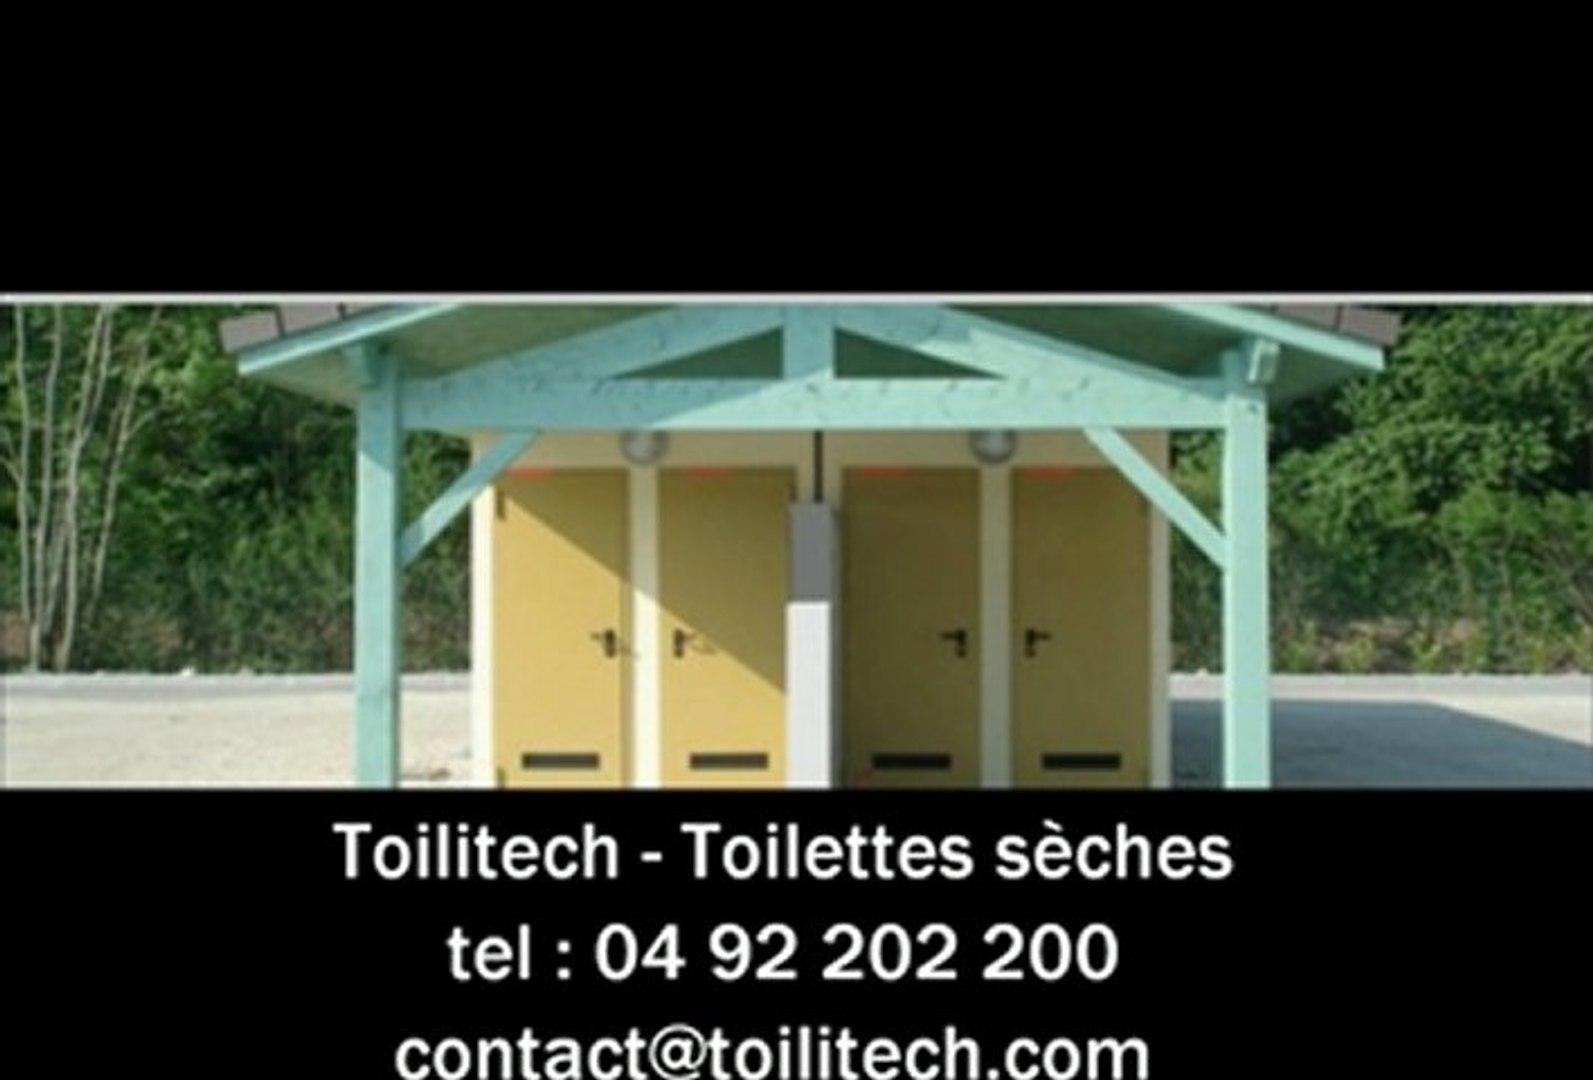 Toilettes Sèches En Appartement toilettes sèches tel : 04 92 202 200